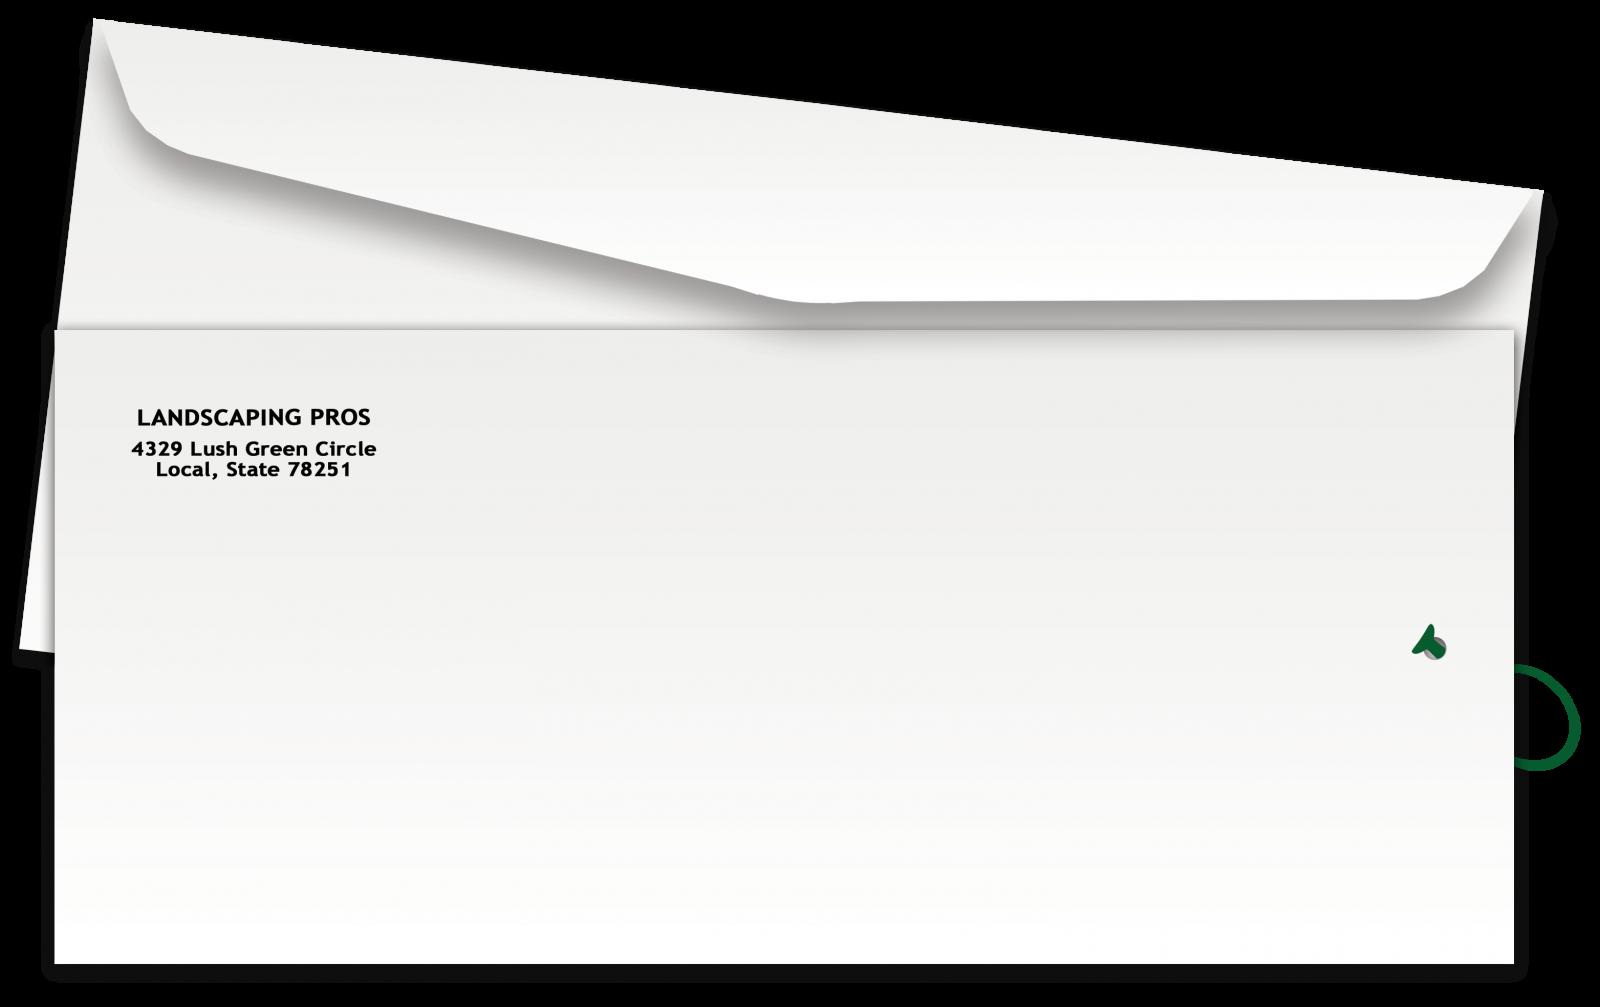 Envelope clipart message box. Door hangers envelopes hanger